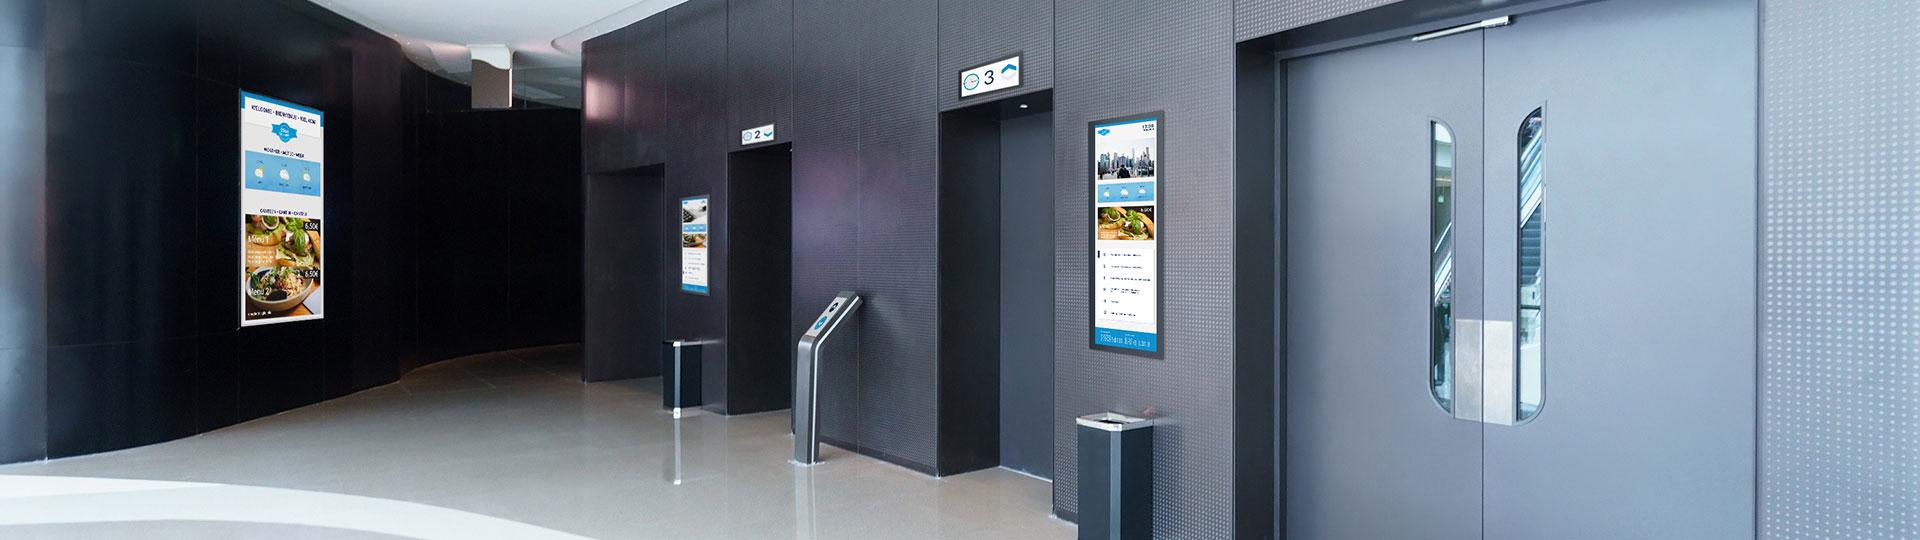 flexyPage Multimedia Displays für Aufzüge in einem Bürogebäude